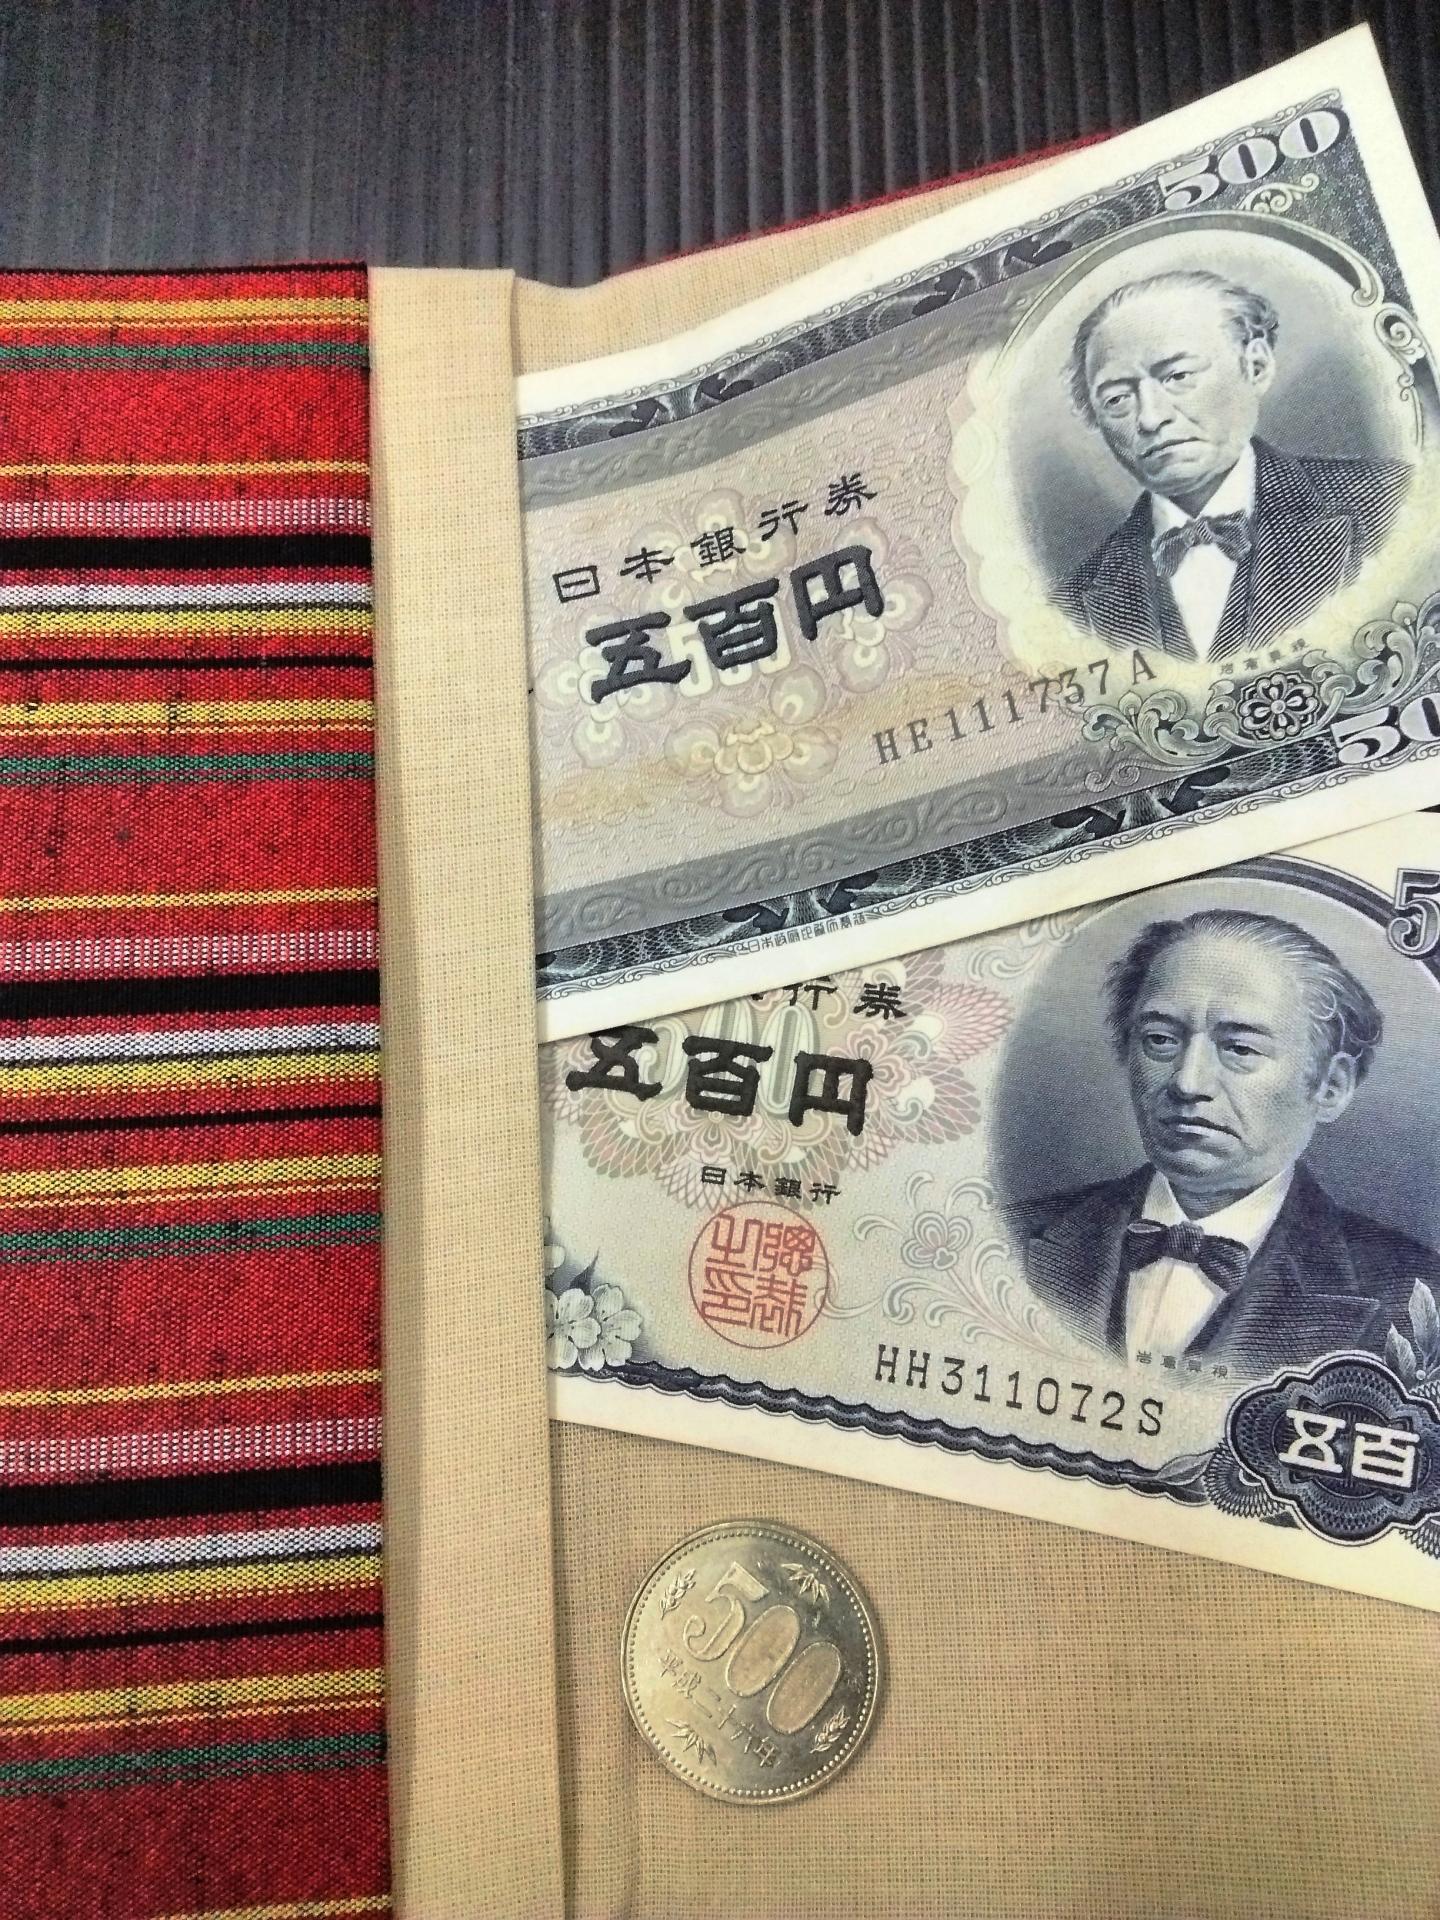 岩倉具視が写っている日本のお札